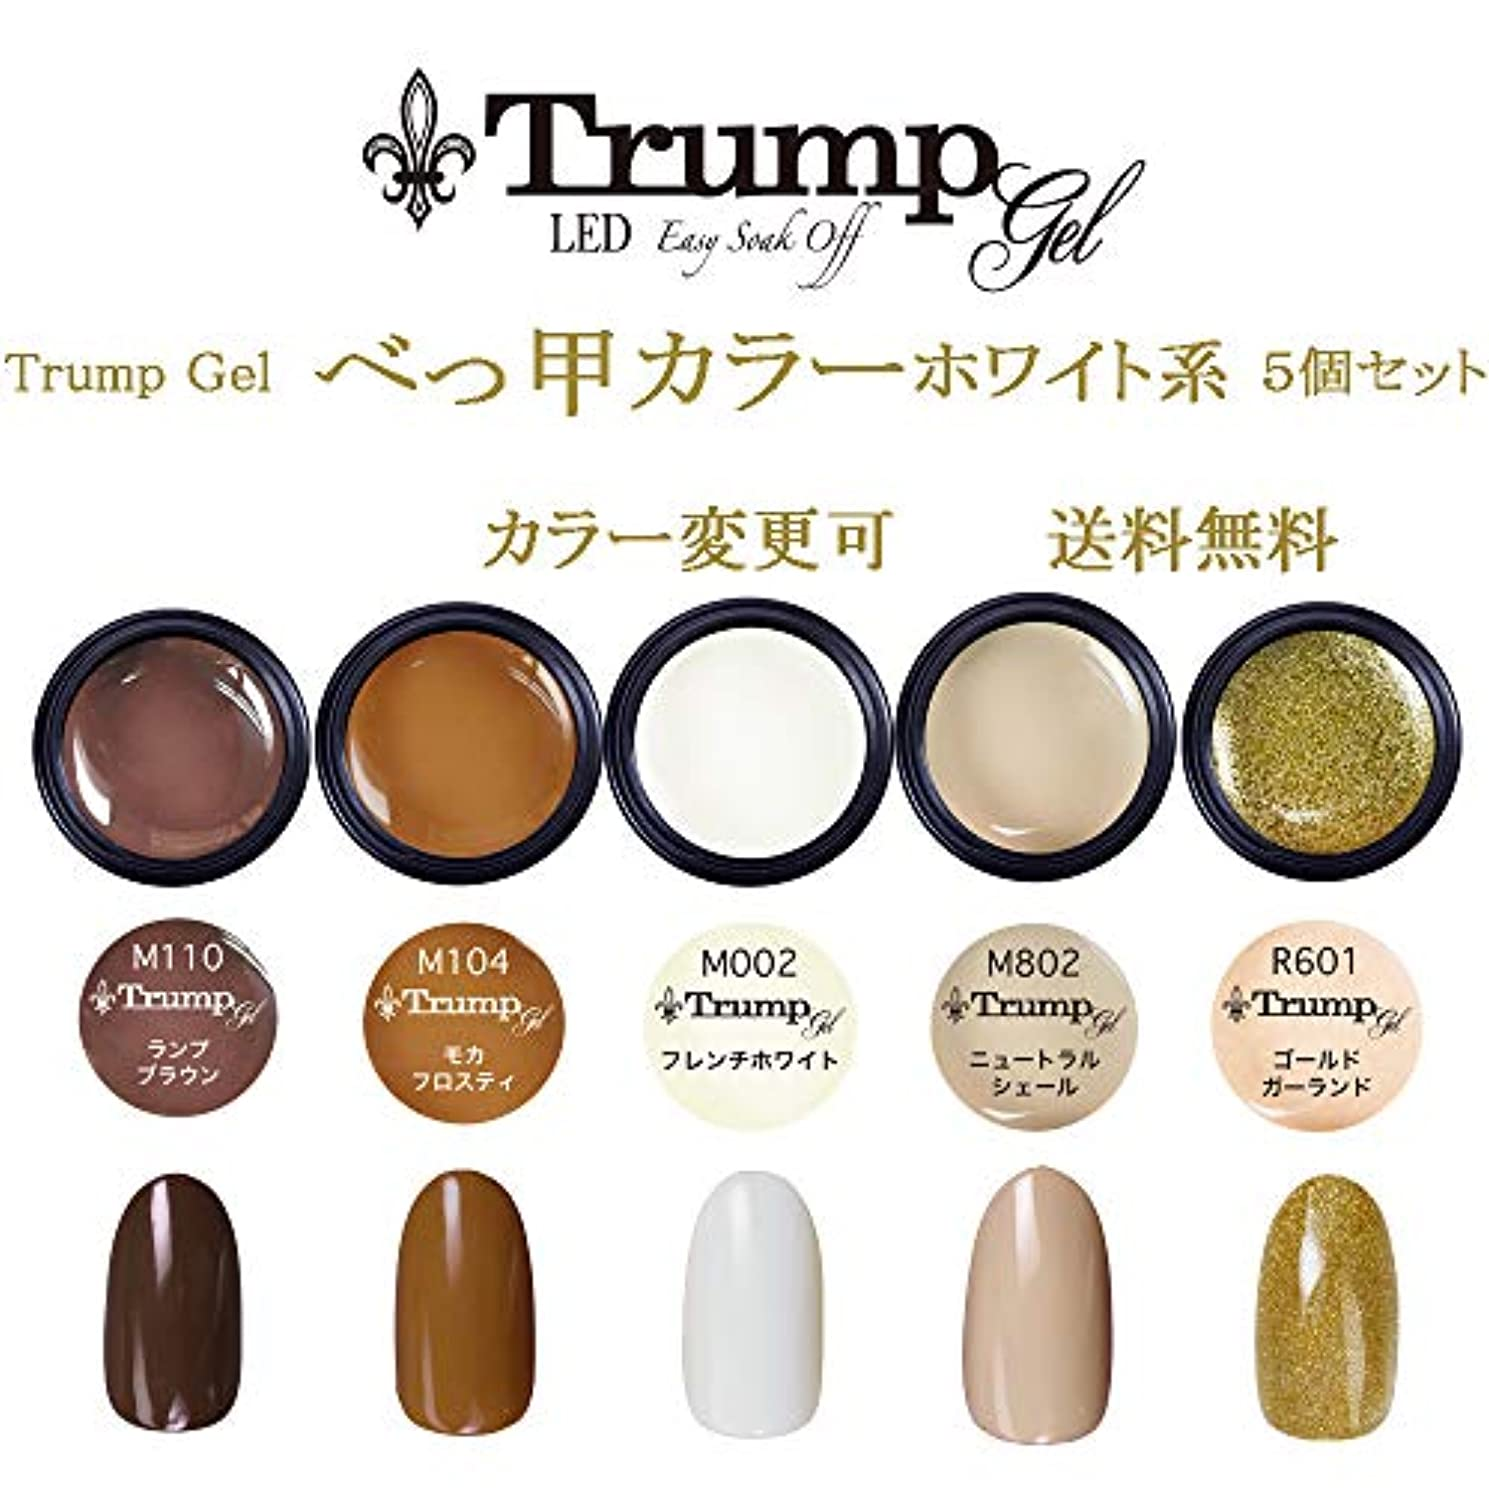 ドメイン面セマフォ【送料無料】日本製 Trump gel トランプジェル べっ甲カラー ホワイト系 選べる カラージェル 5個セット べっ甲ネイル ベージュ ブラウン ホワイト ラメ カラー